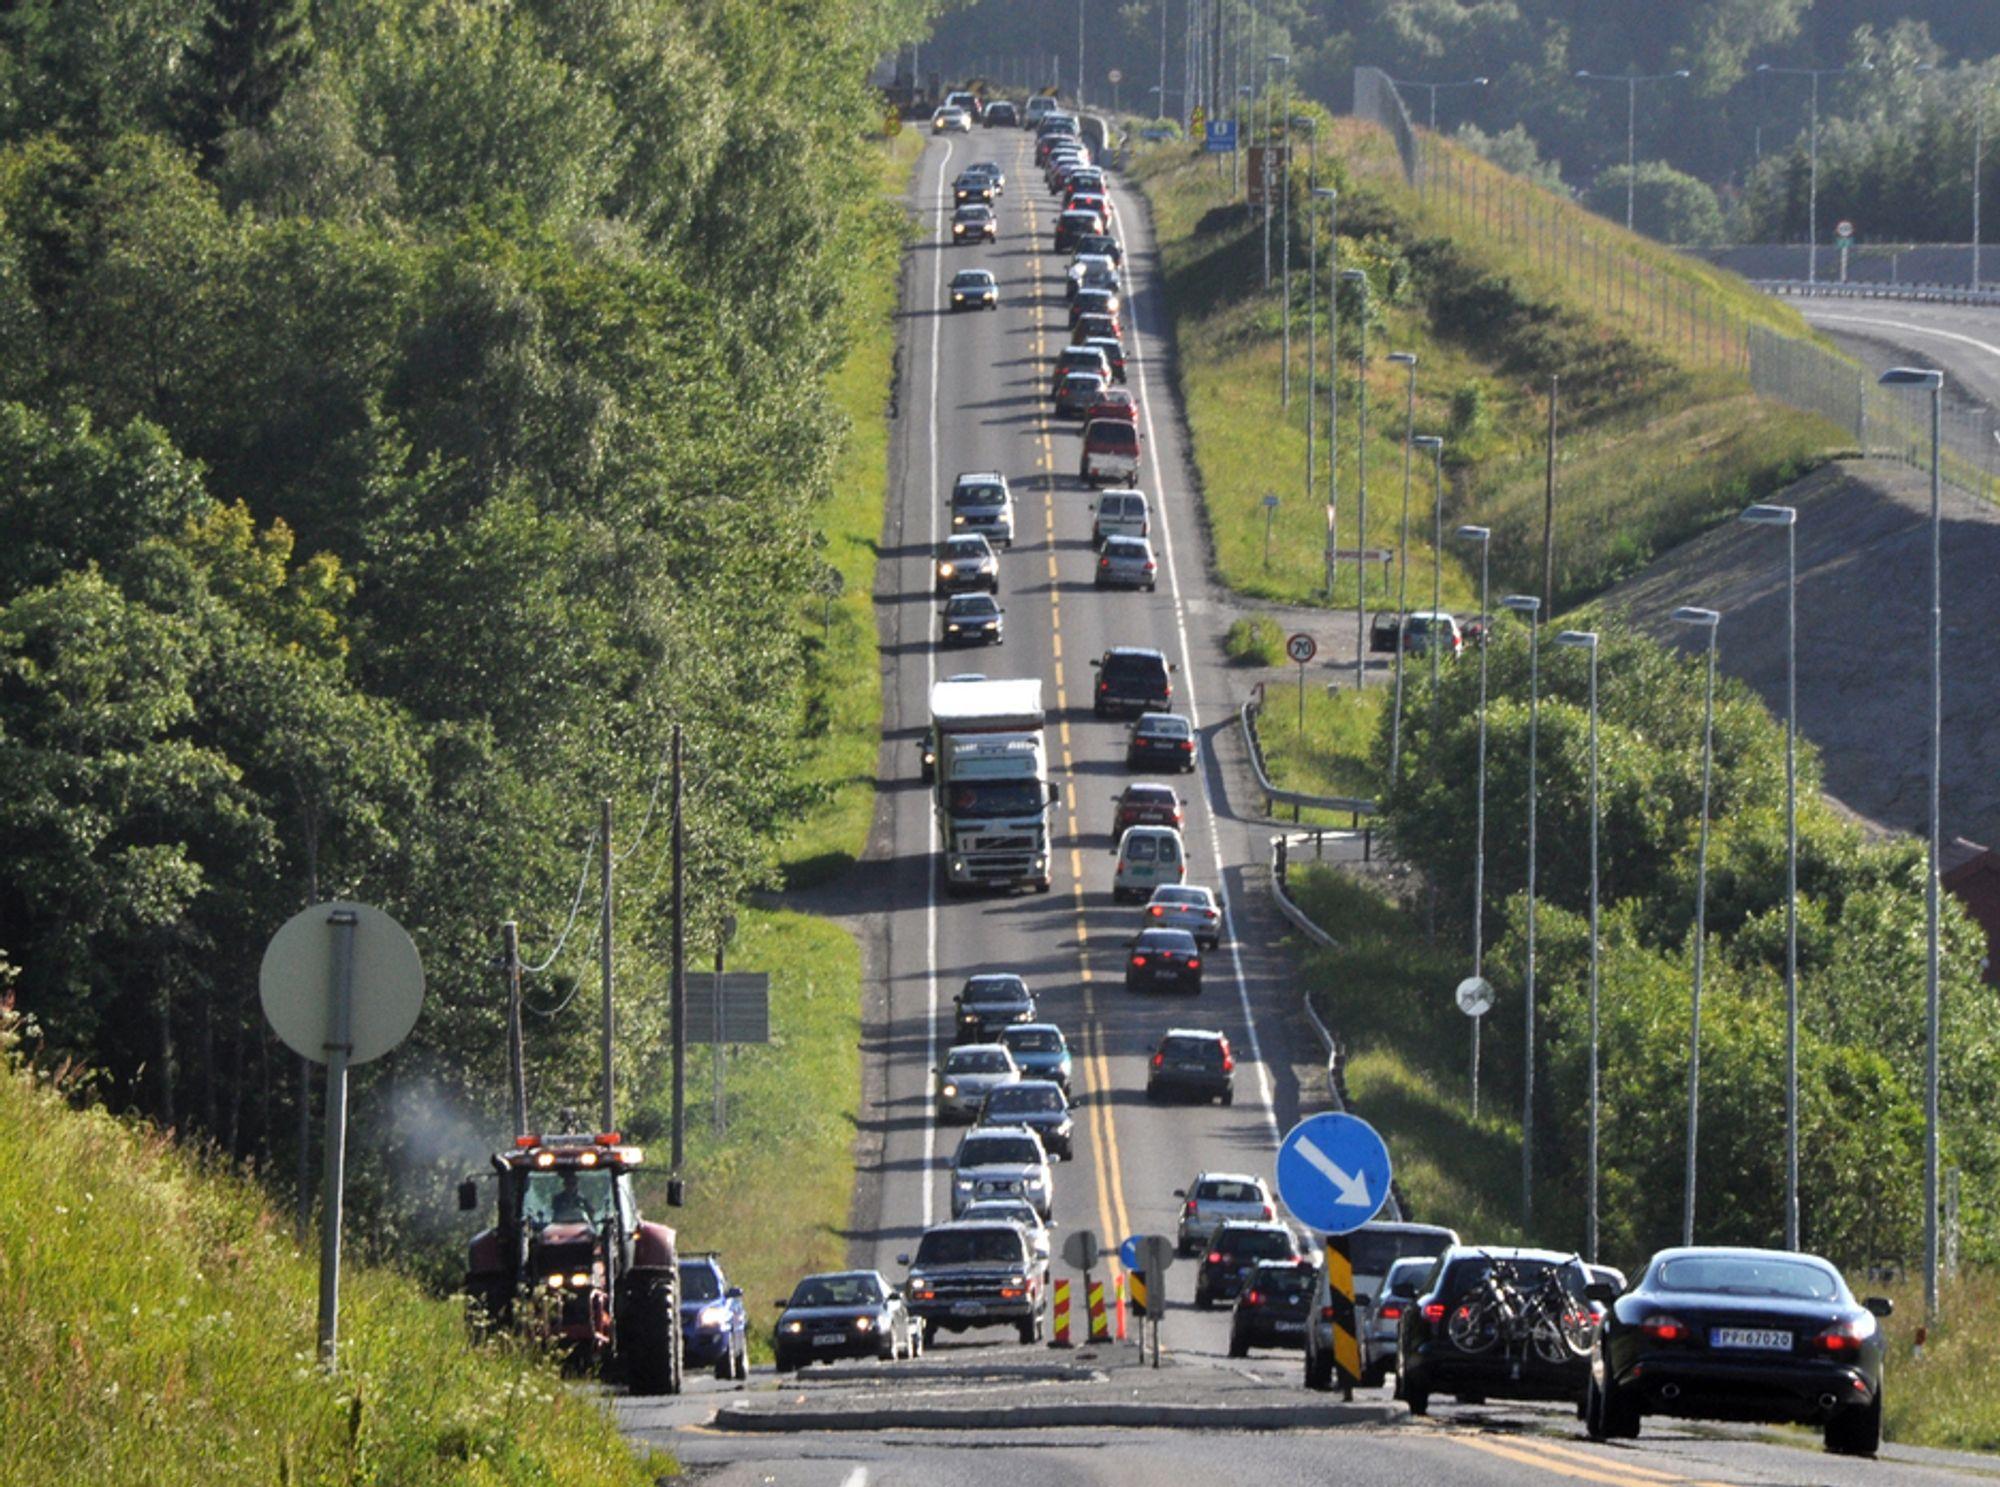 Slik så det ut på fylkesveg 256 da den het E 18 for mindre enn 14 måneder siden. Nå er trafikken redusert til en brøkdel, og kjørebanen skal snevres inn for å gi plass til et sykkelfelt på hver side.